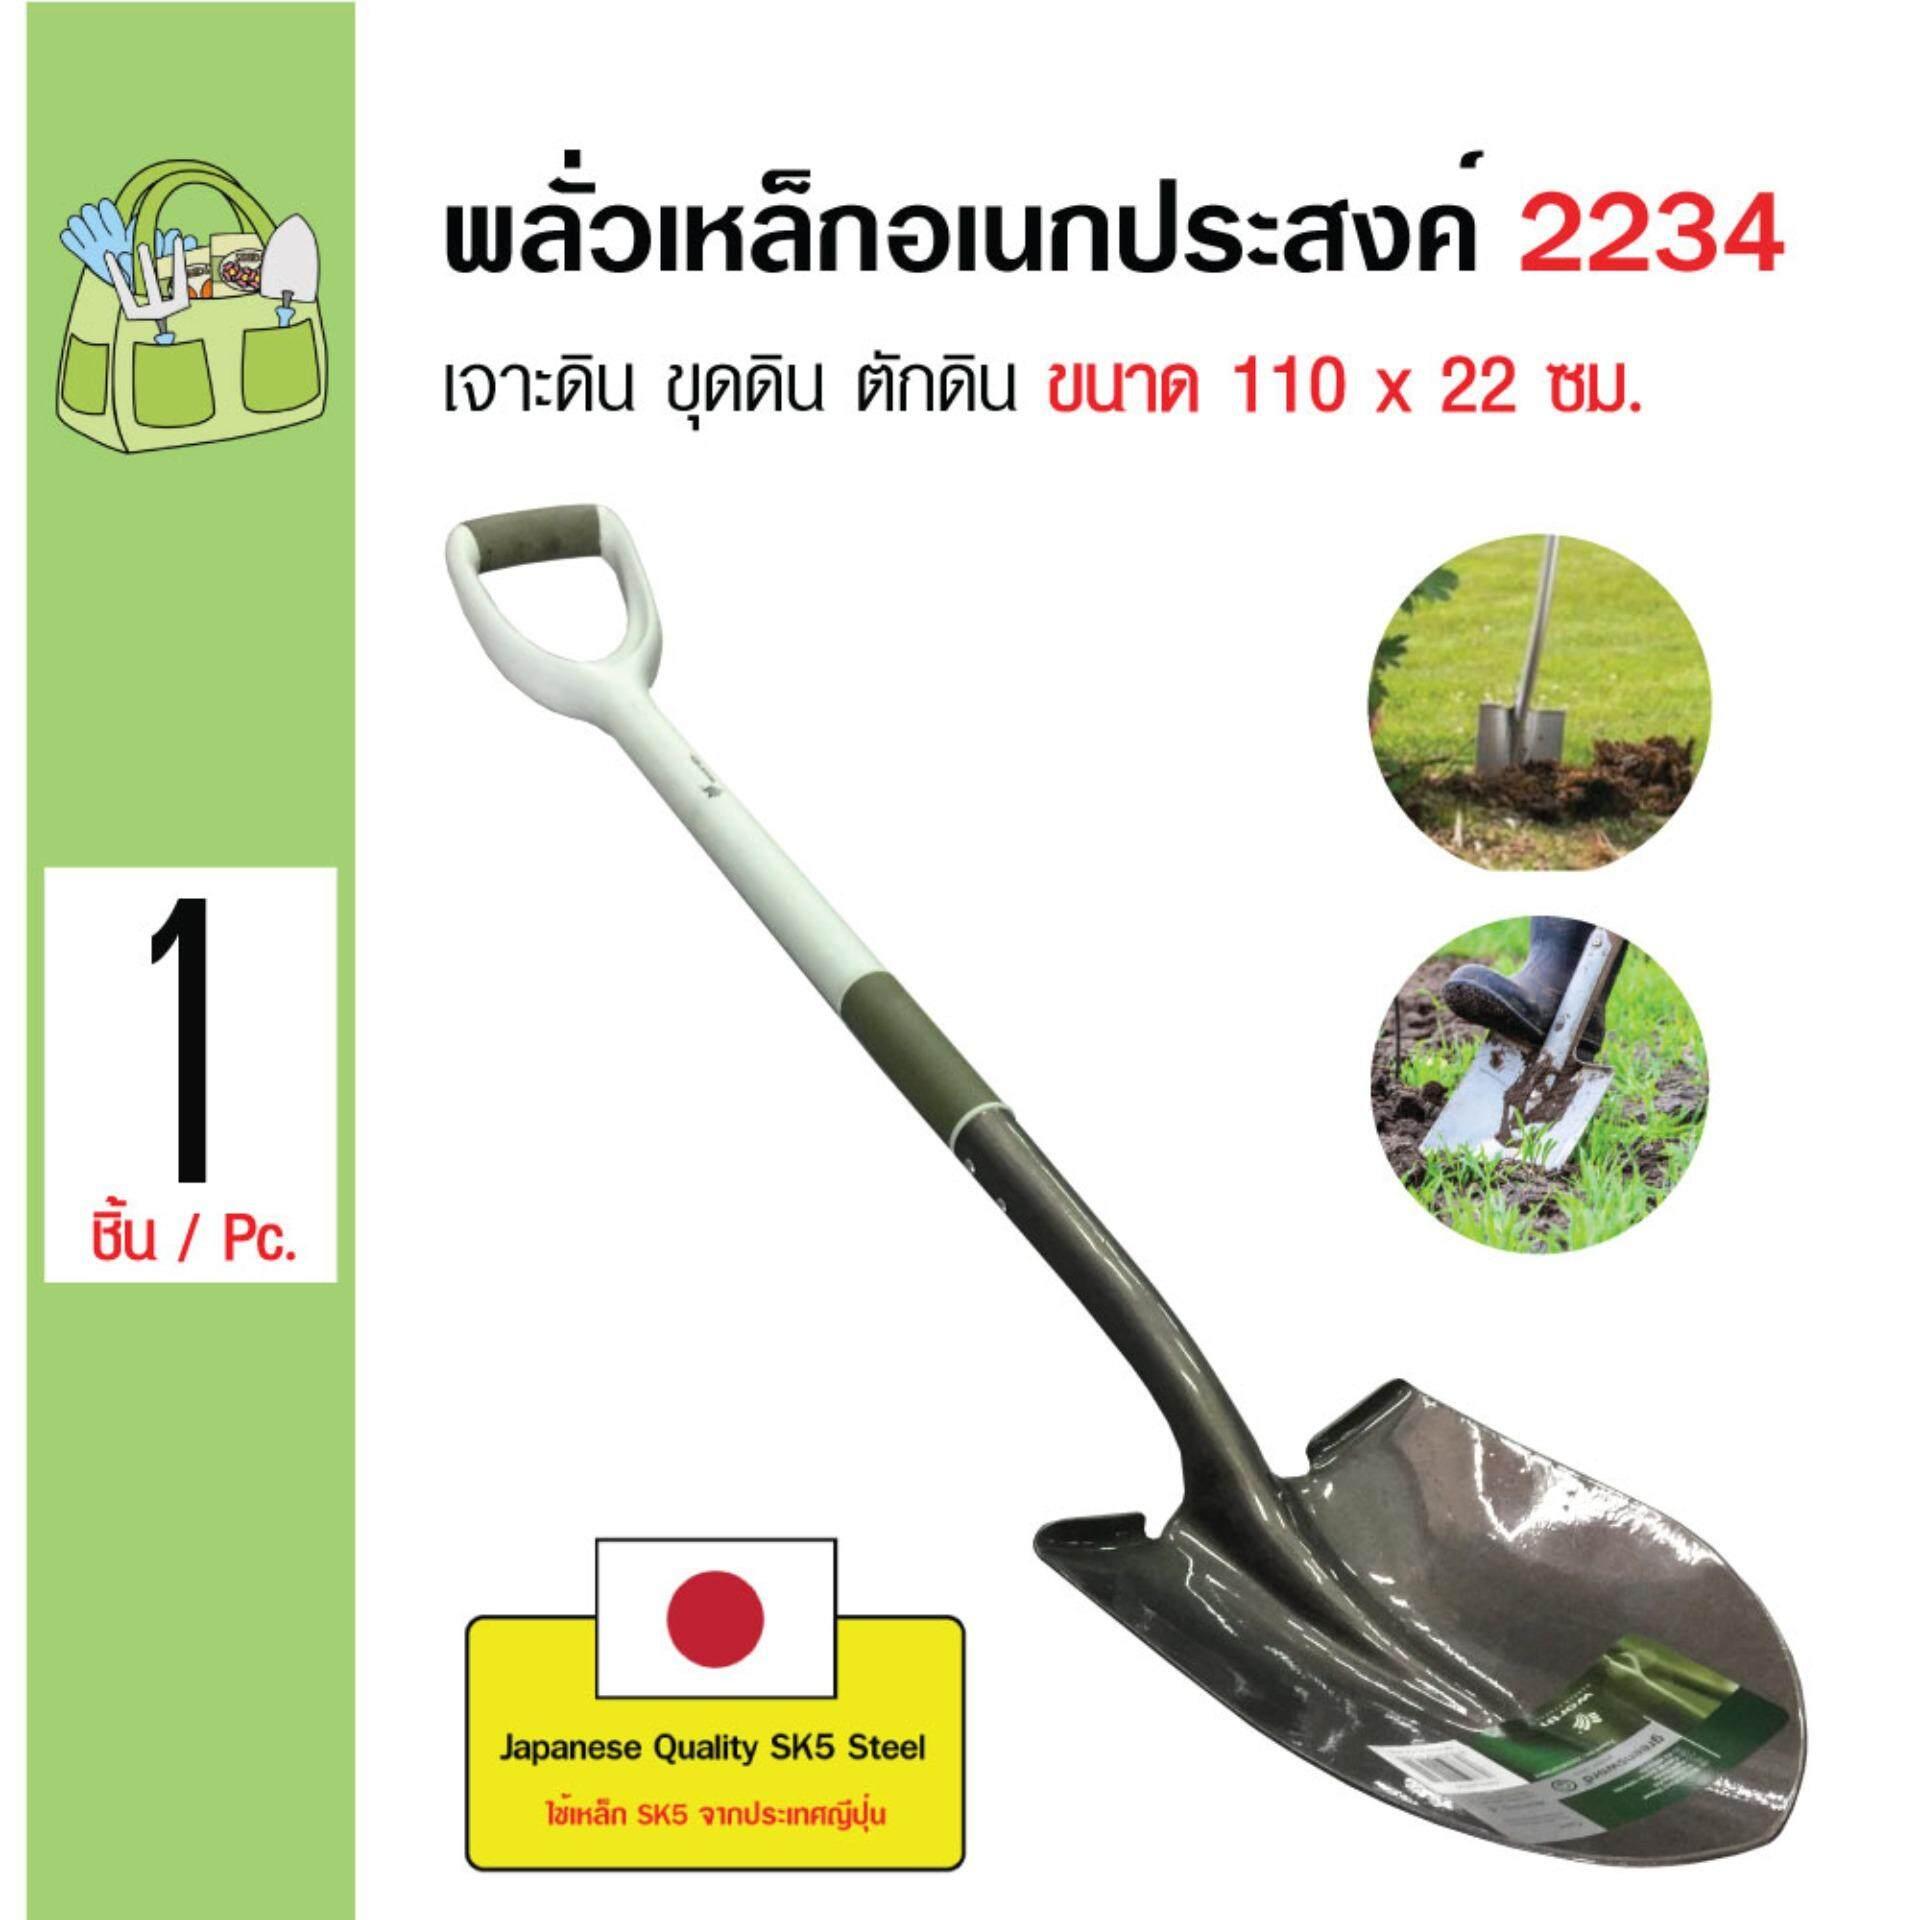 ราคา Worth Shovel พลั่วเหล็ก พลั่วอเนกประสงค์ สำหรับเจาะดิน ขุดดิน ตักดิน ขนาด 110X22 ซม ราคาถูกที่สุด